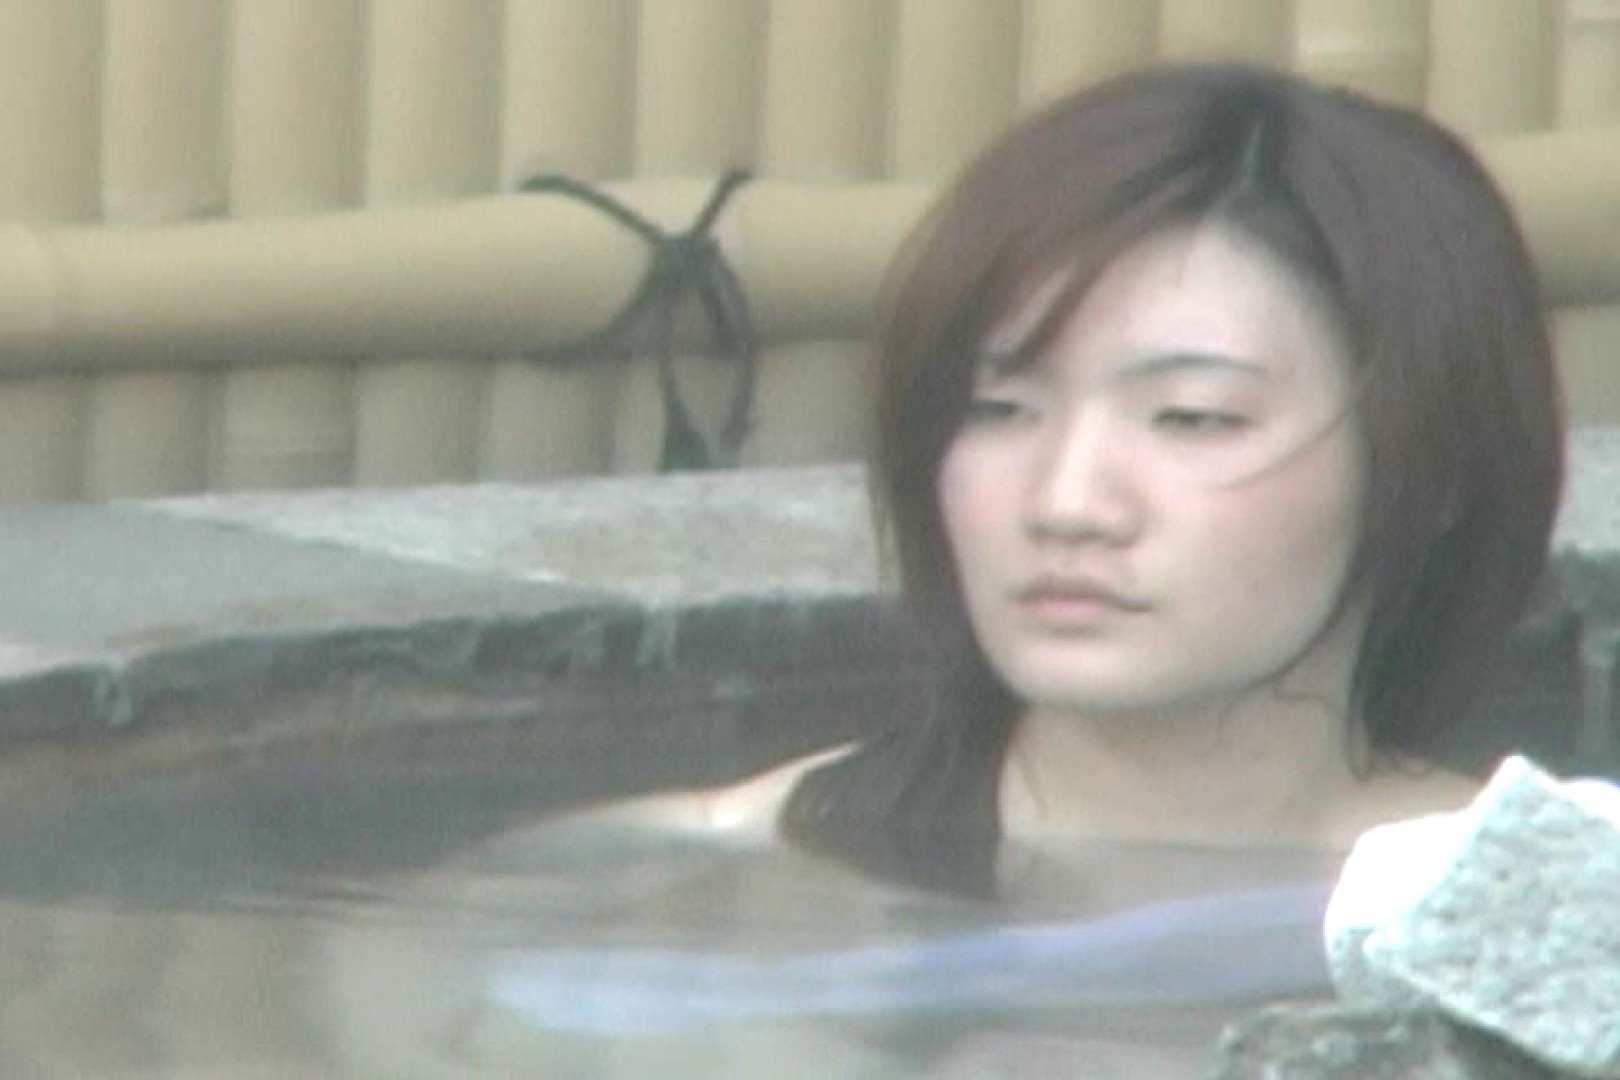 Aquaな露天風呂Vol.590 美しいOLの裸体  76pic 45